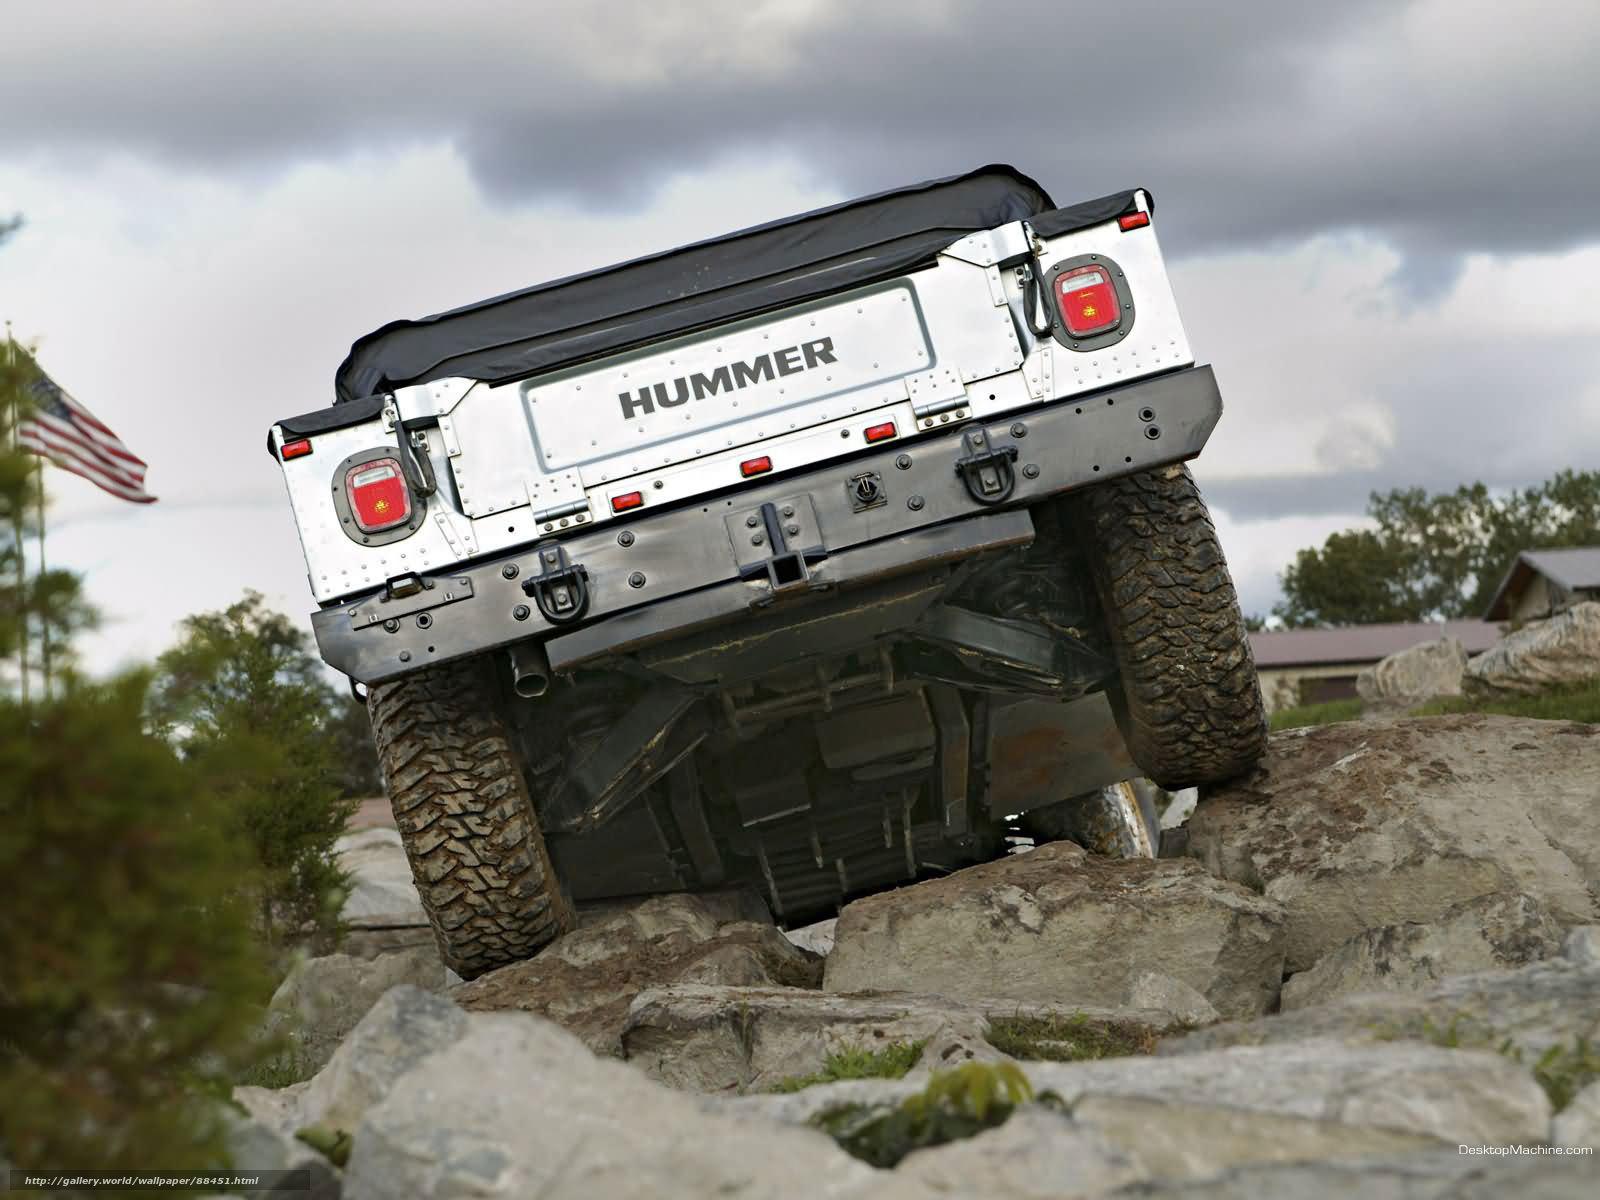 Скачать обои Hummer,  H1,  авто,  машины бесплатно для рабочего стола в разрешении 1600x1200 — картинка №88451